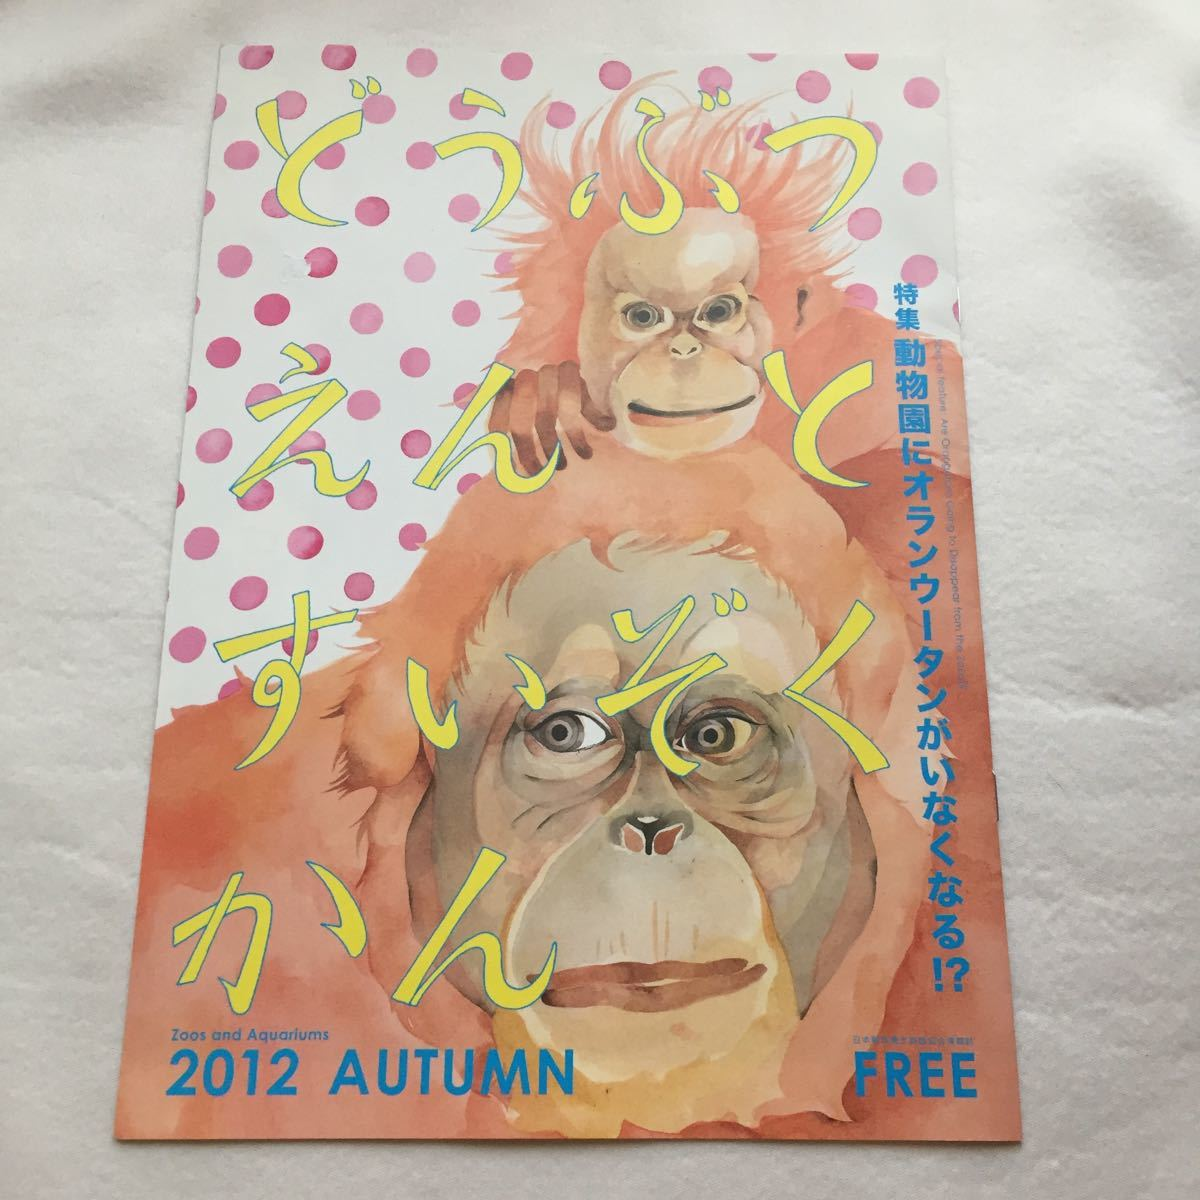 2012 autumn どうぶつえんとすいぞくかん 動物園 水族館 新品 カタログ 冊子 非売品 パンフレット CATALOG フリーペーパー_画像1